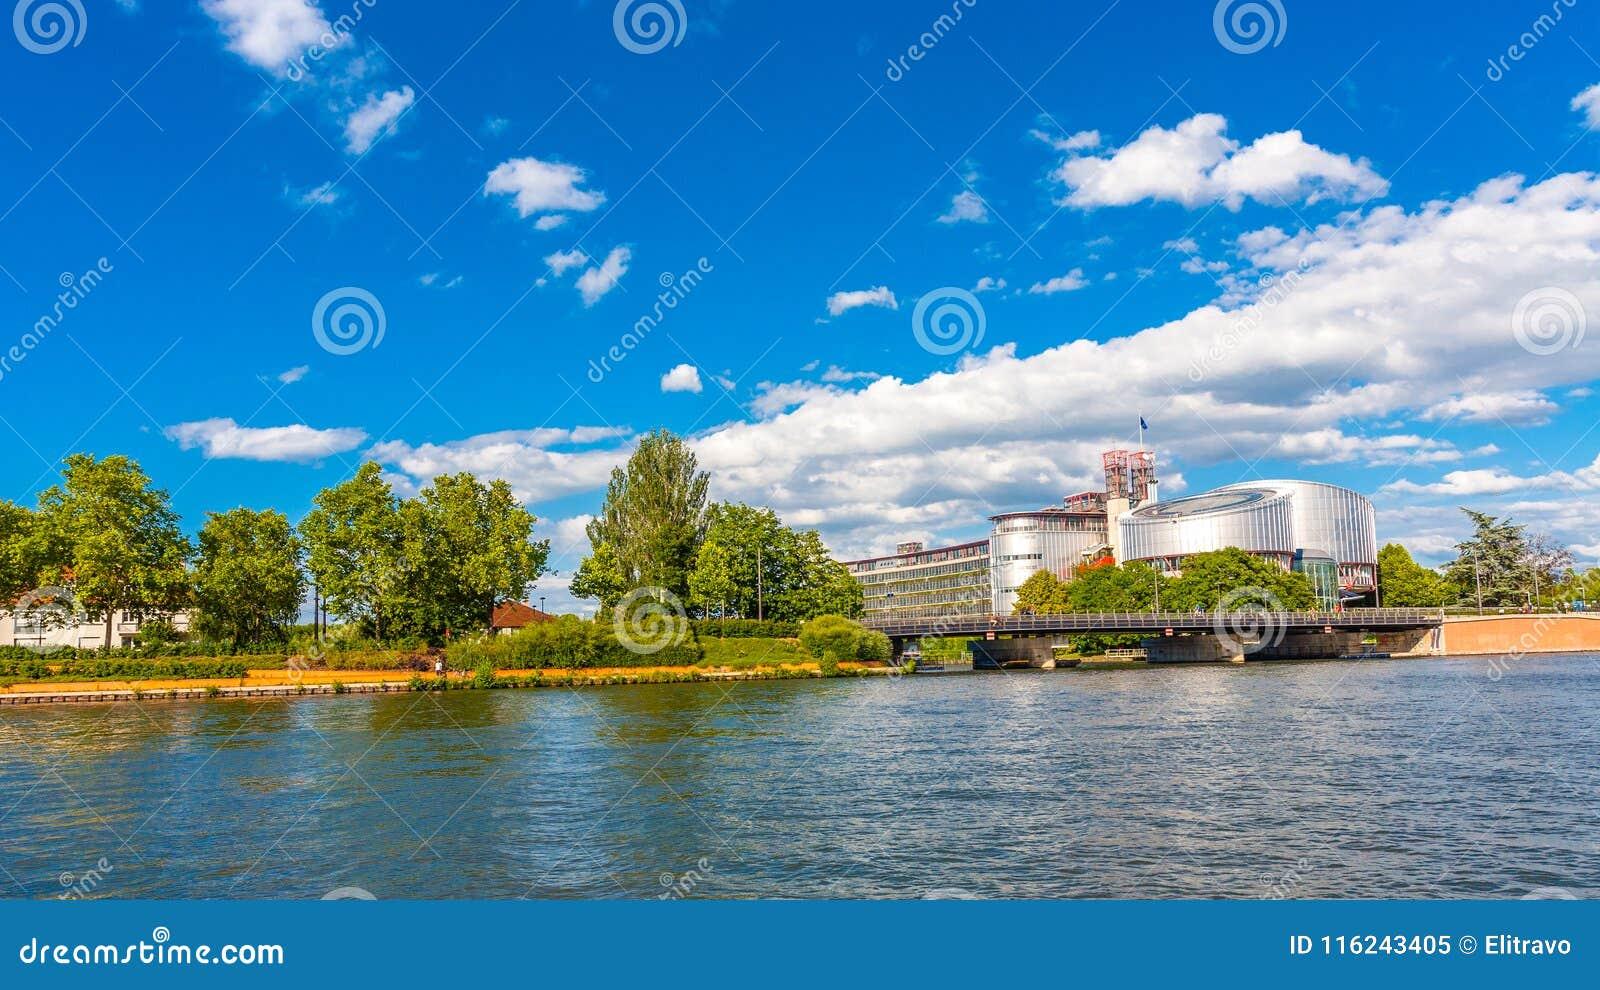 欧洲人权法院,史特拉斯堡,阿尔萨斯,法国